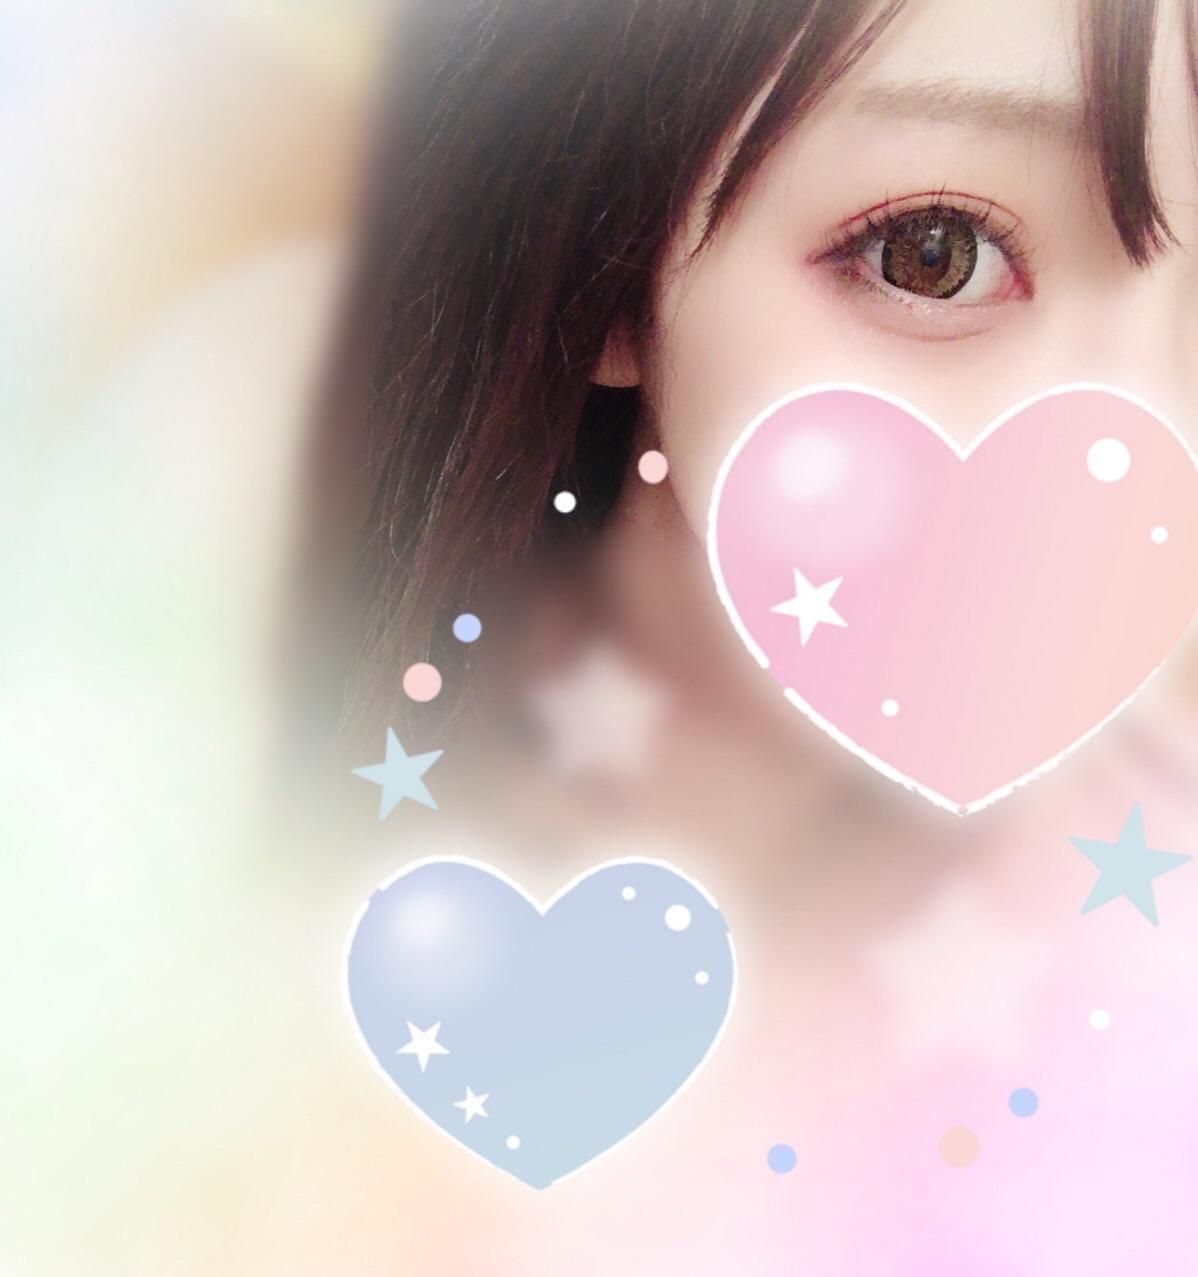 「衝撃発言( '-'UΞU'-')」01/14(月) 09:17   りんちゃんの写メ・風俗動画